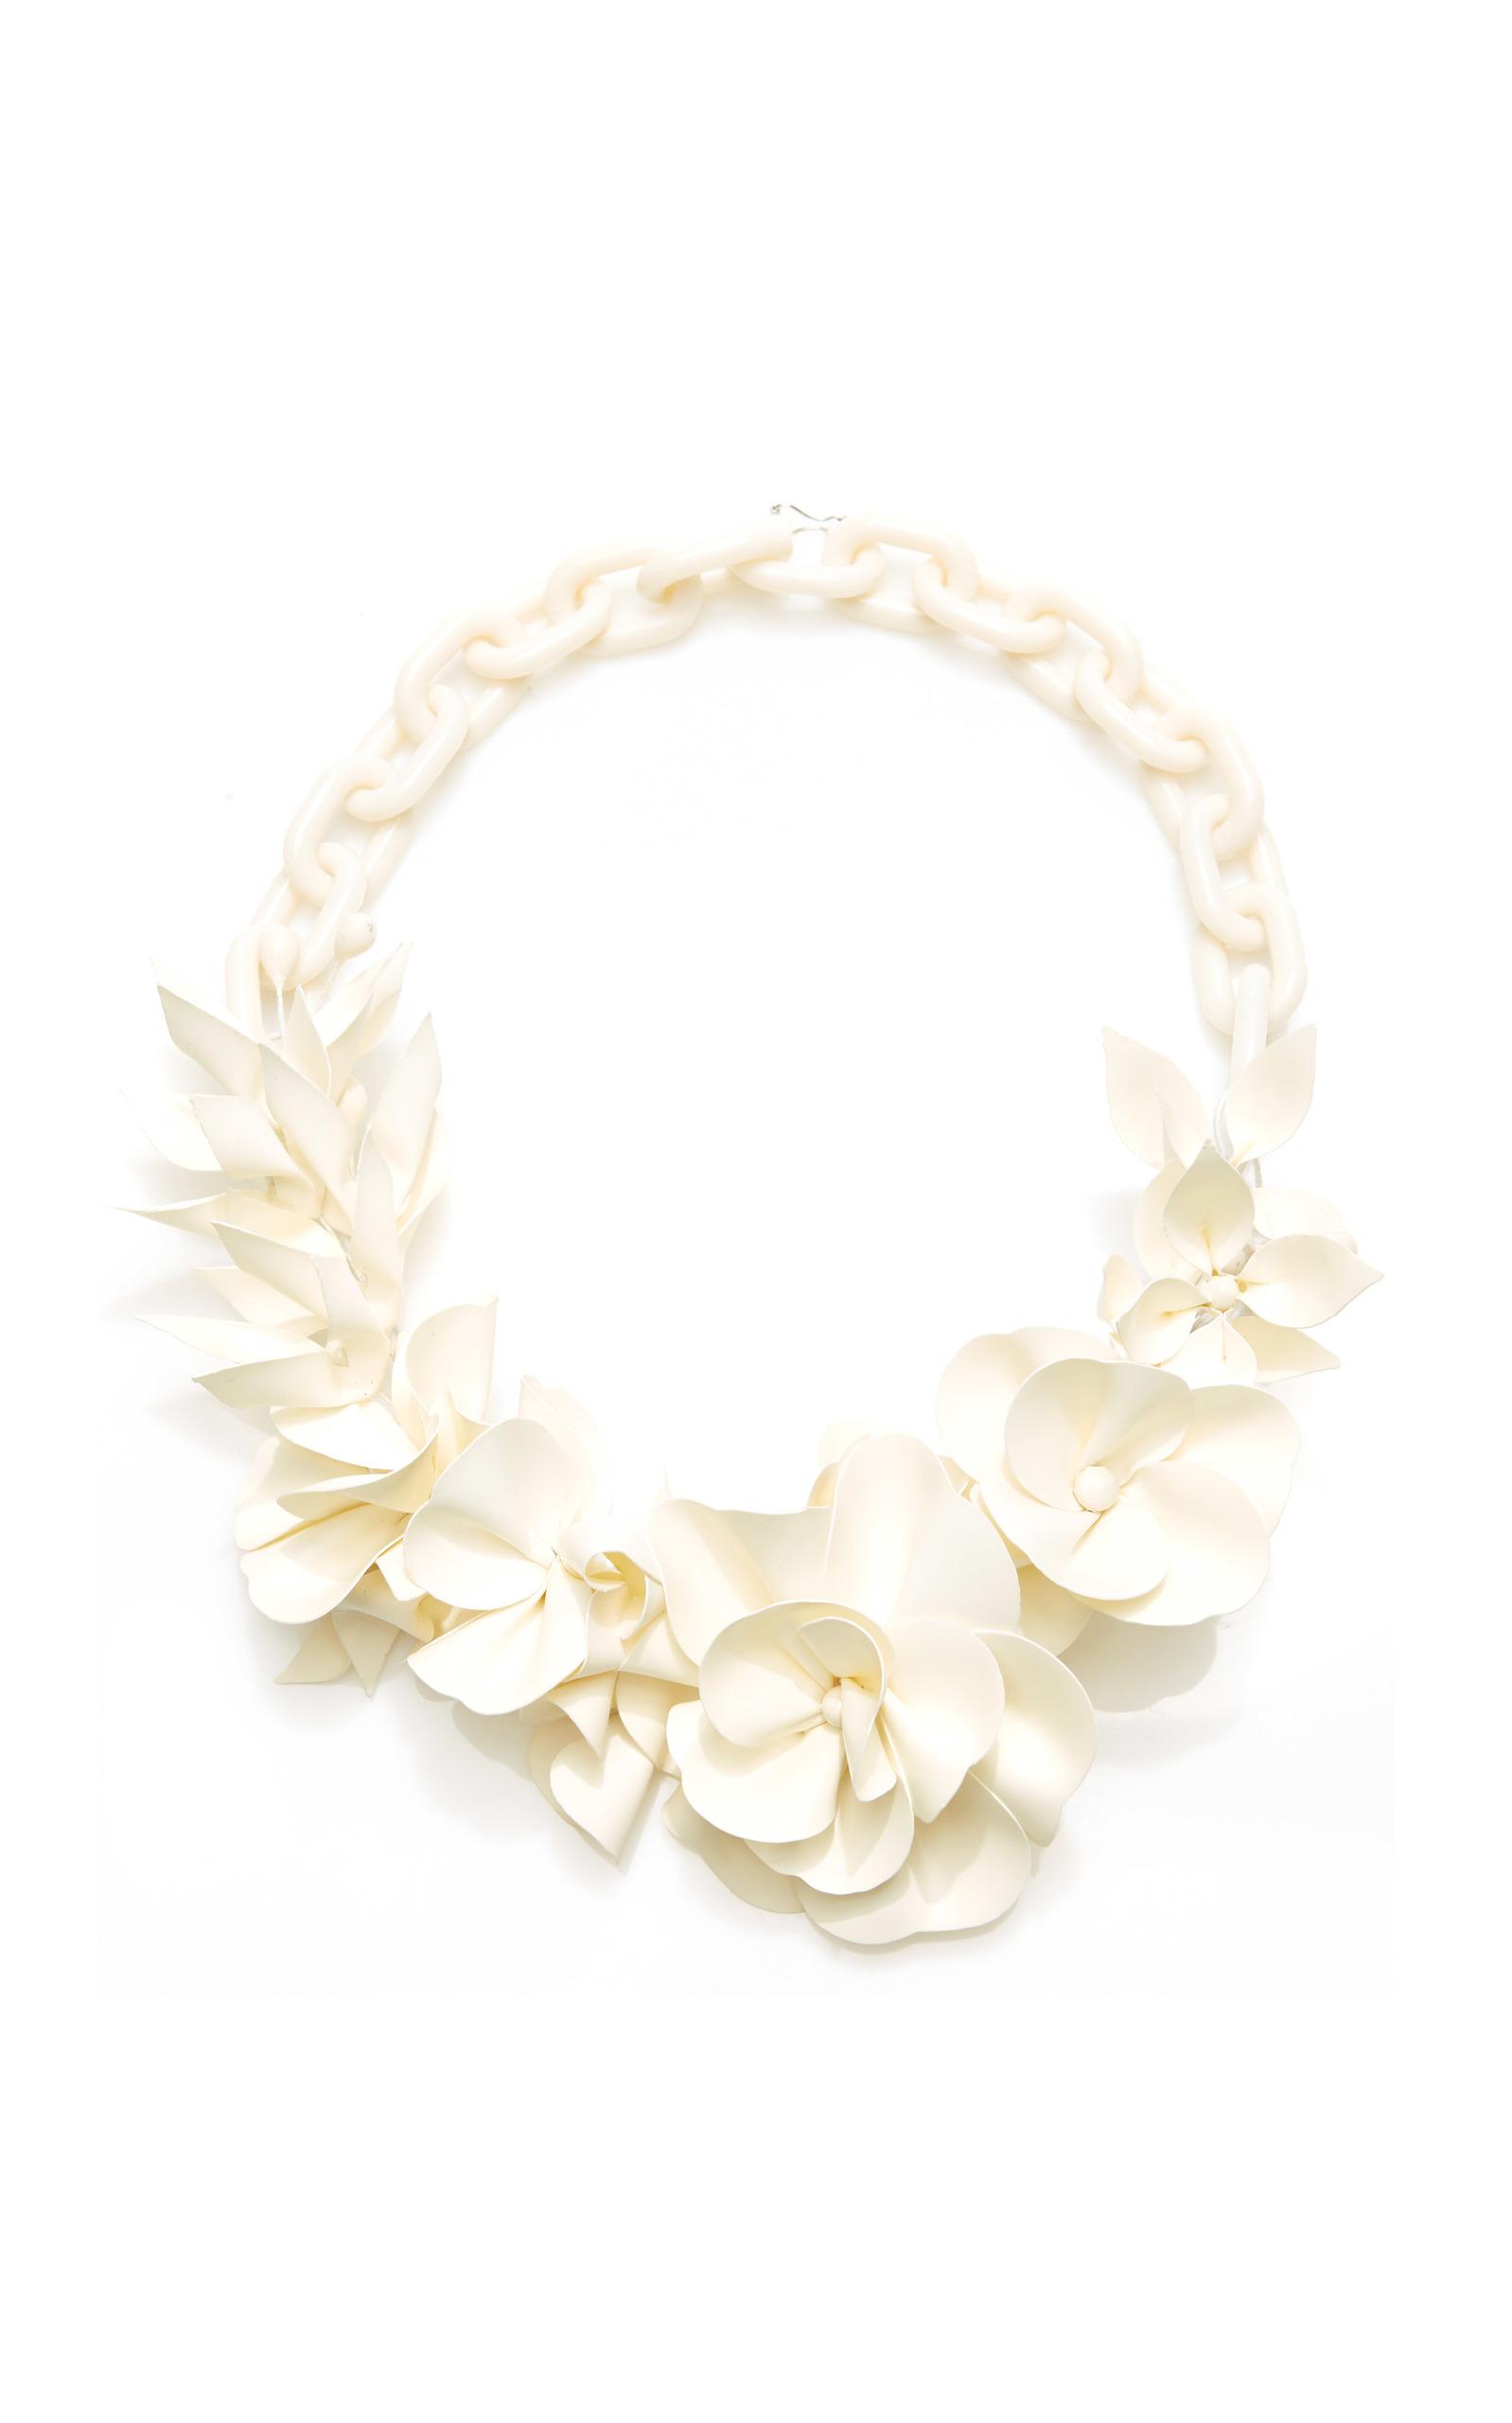 Honolulu flower necklace